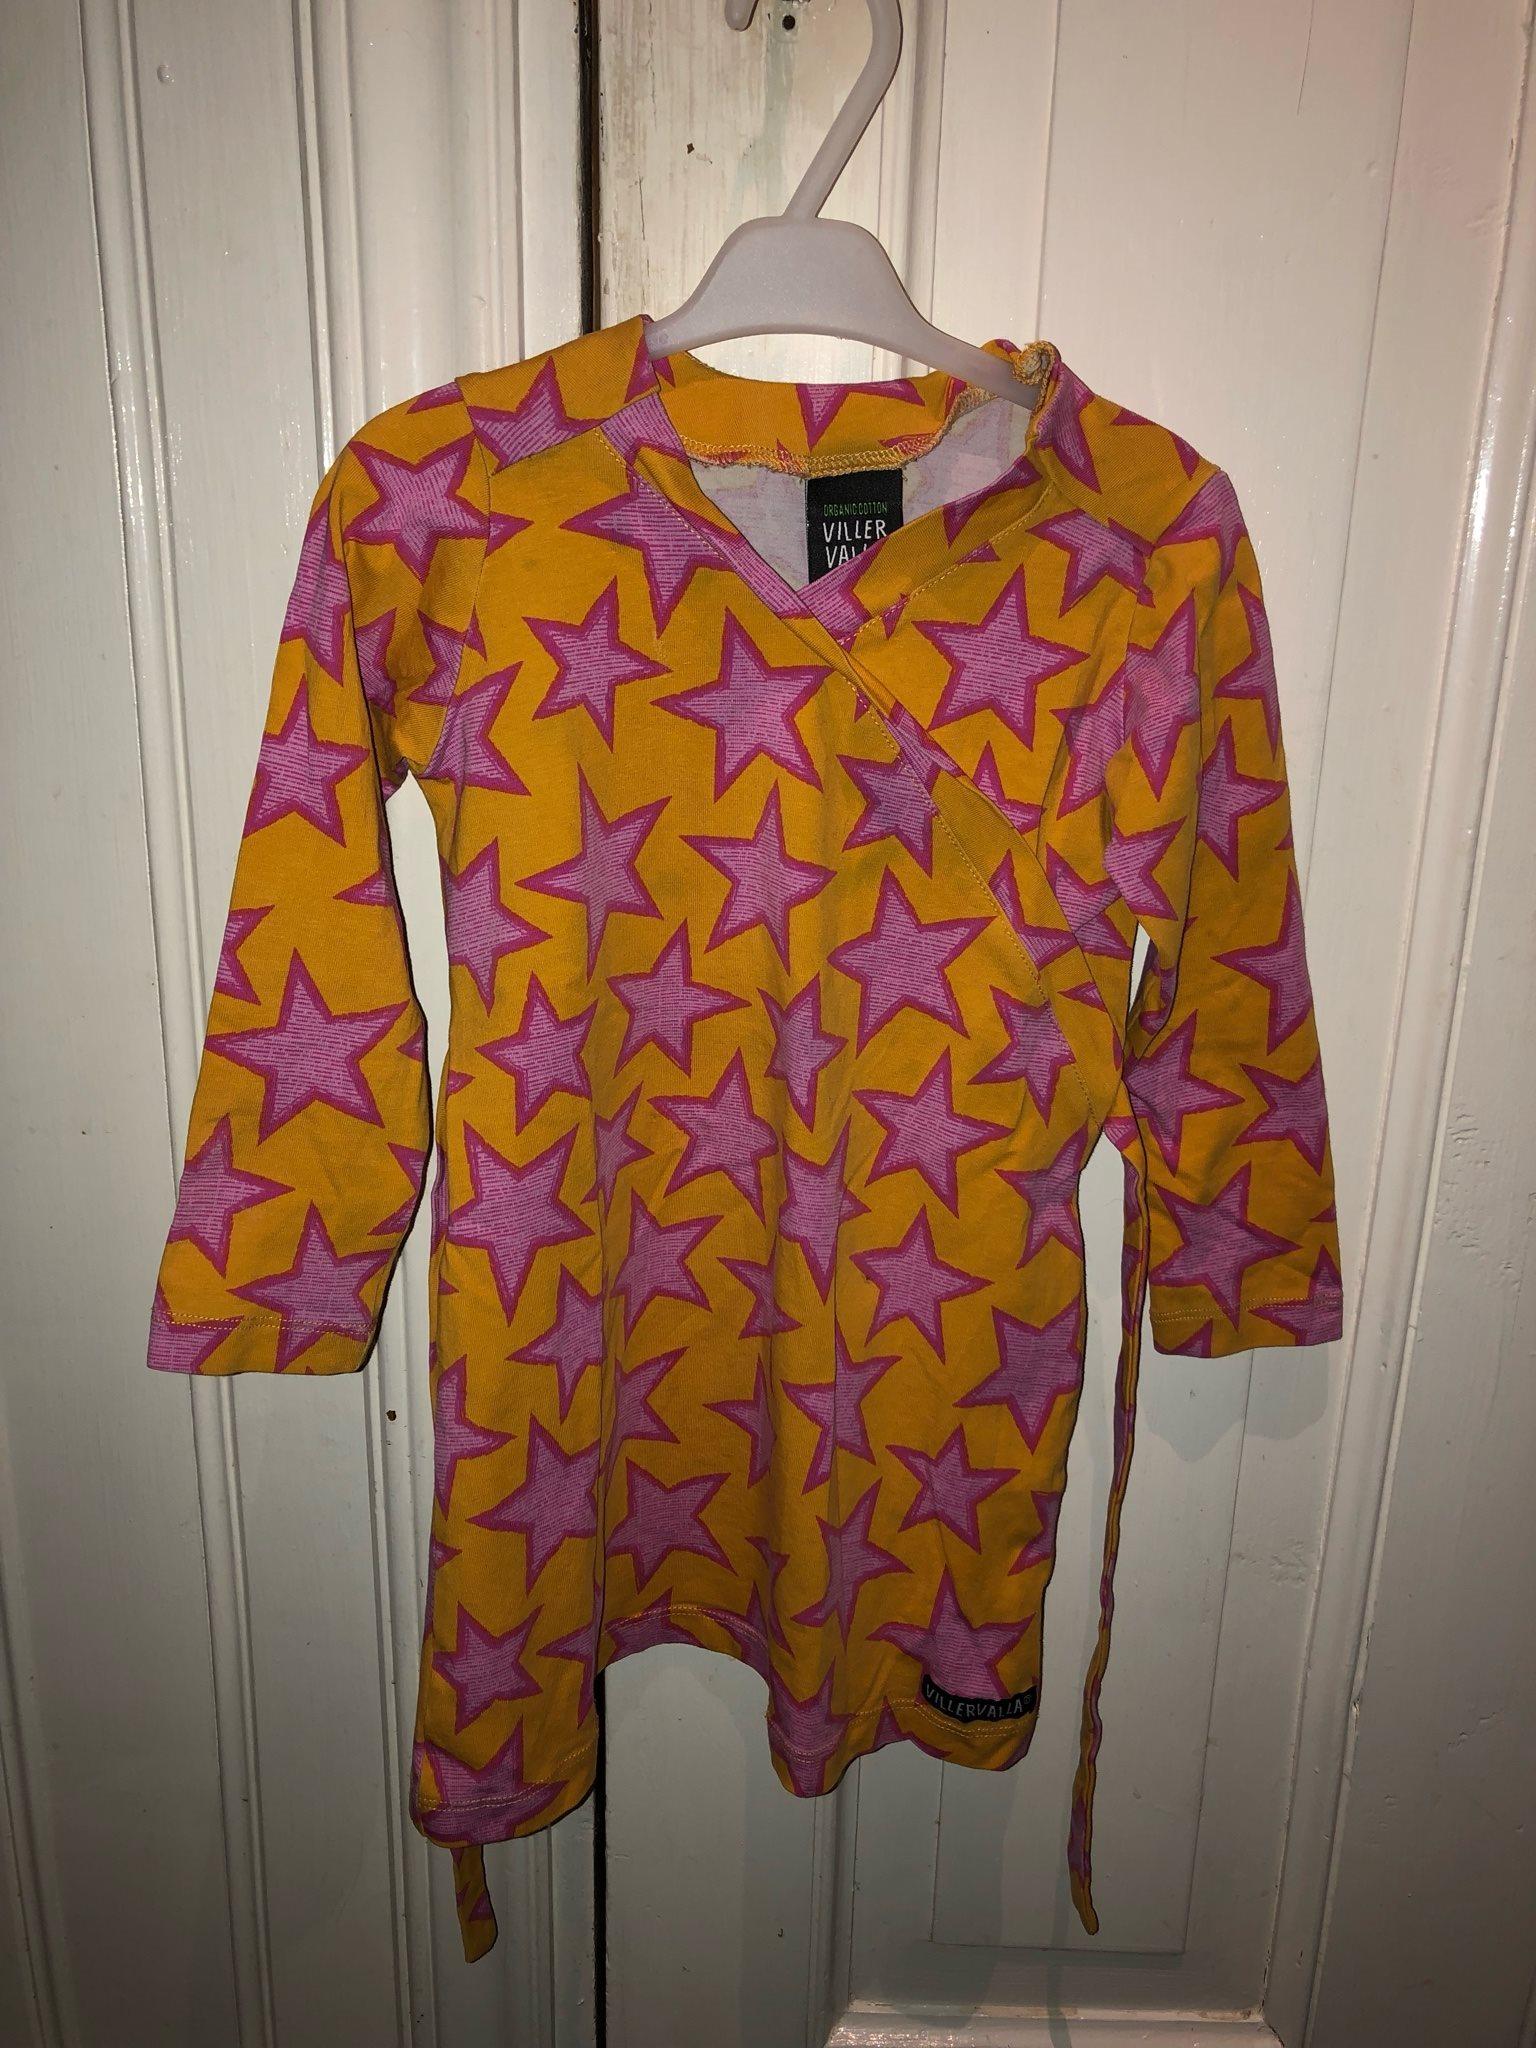 a8ed77d69239 Villervalla klänning stl 92 (335434707) ᐈ Köp på Tradera